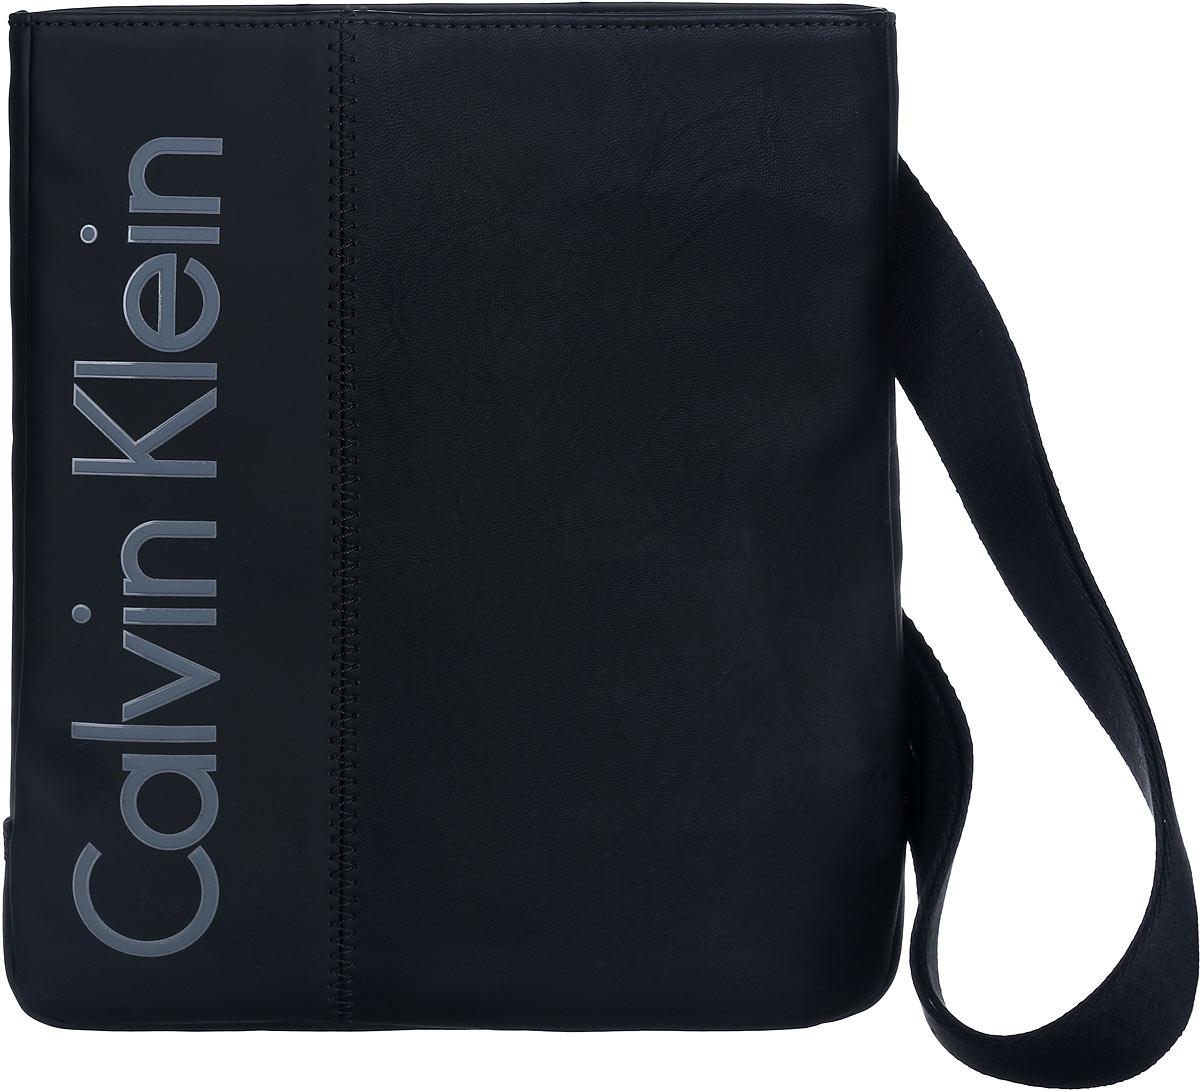 Сумка мужская Calvin Klein, цвет: черный. K50K501611_0010K50K501611_0010Стильная сумка Calvin Klein выполнена из полиуретана и хлопка, оформлена символикой бренда. Изделие содержит одно отделение, которое закрывается на застежку-молнию. Внутри сумки размещены накладной кармашек для мелочей и врезной карман на застежке-молнии. Сумка оснащена плечевым ремнем регулируемой длины. В комплекте с изделием поставляется чехол для хранения. Модная сумка идеально подчеркнет ваш неповторимый стиль.